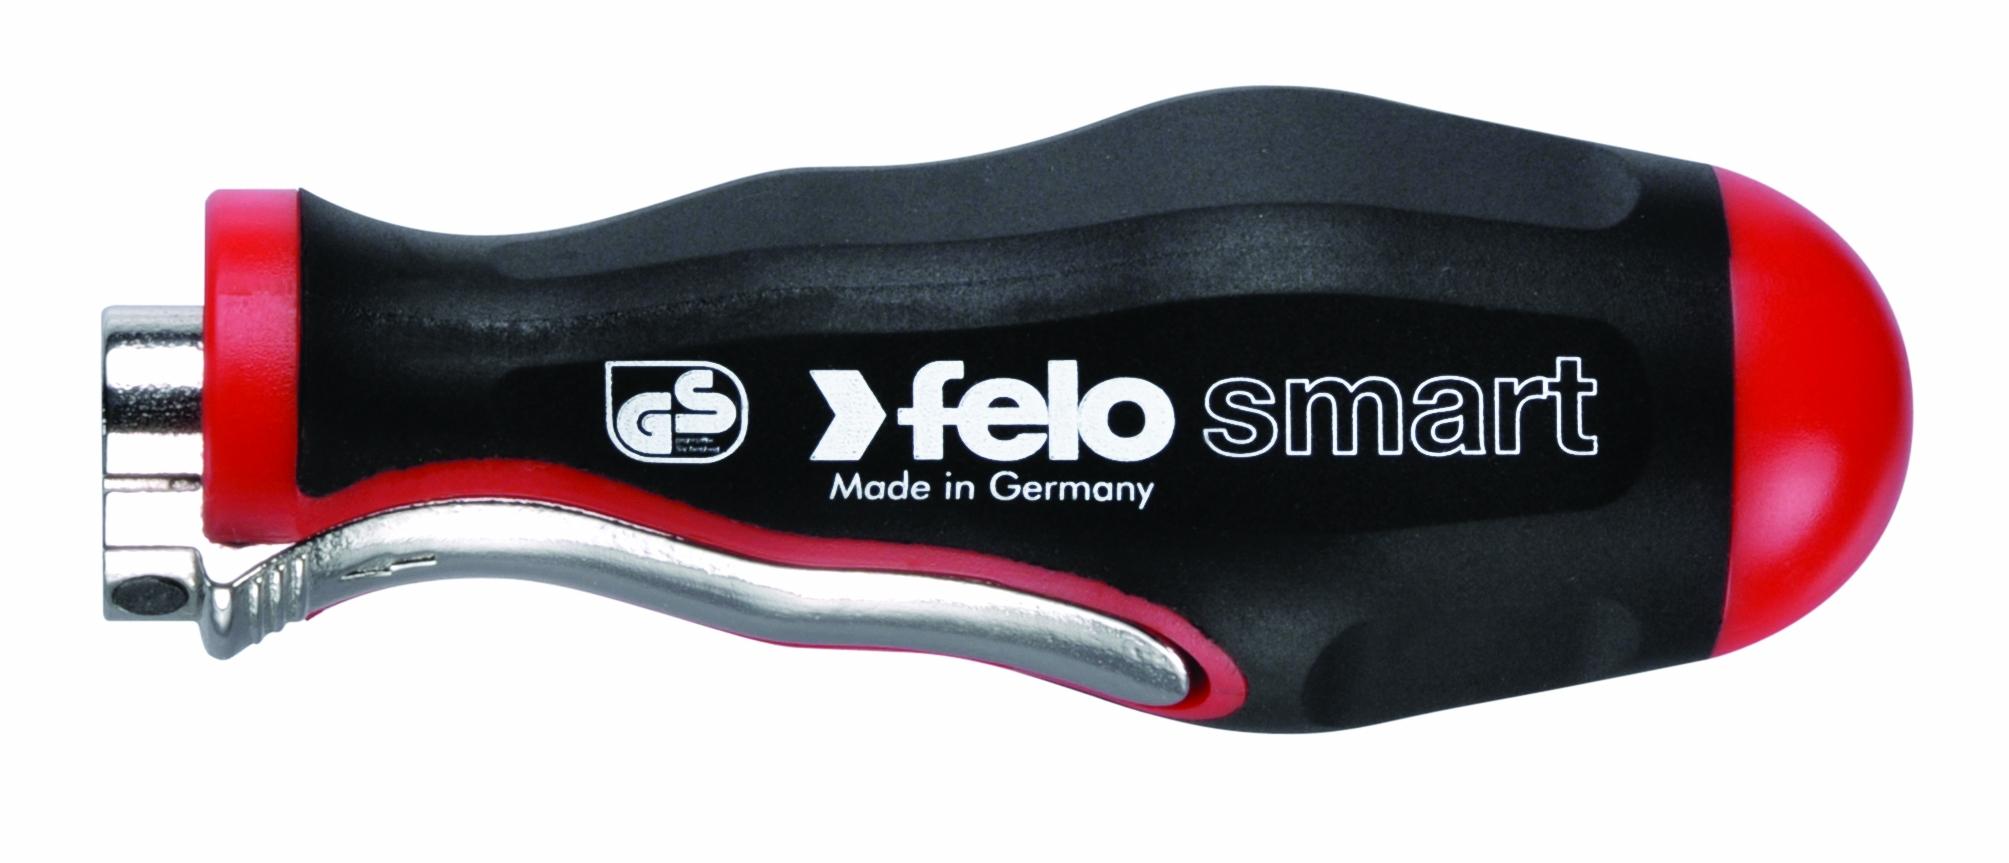 Felo Tool Sets Sockets Acc